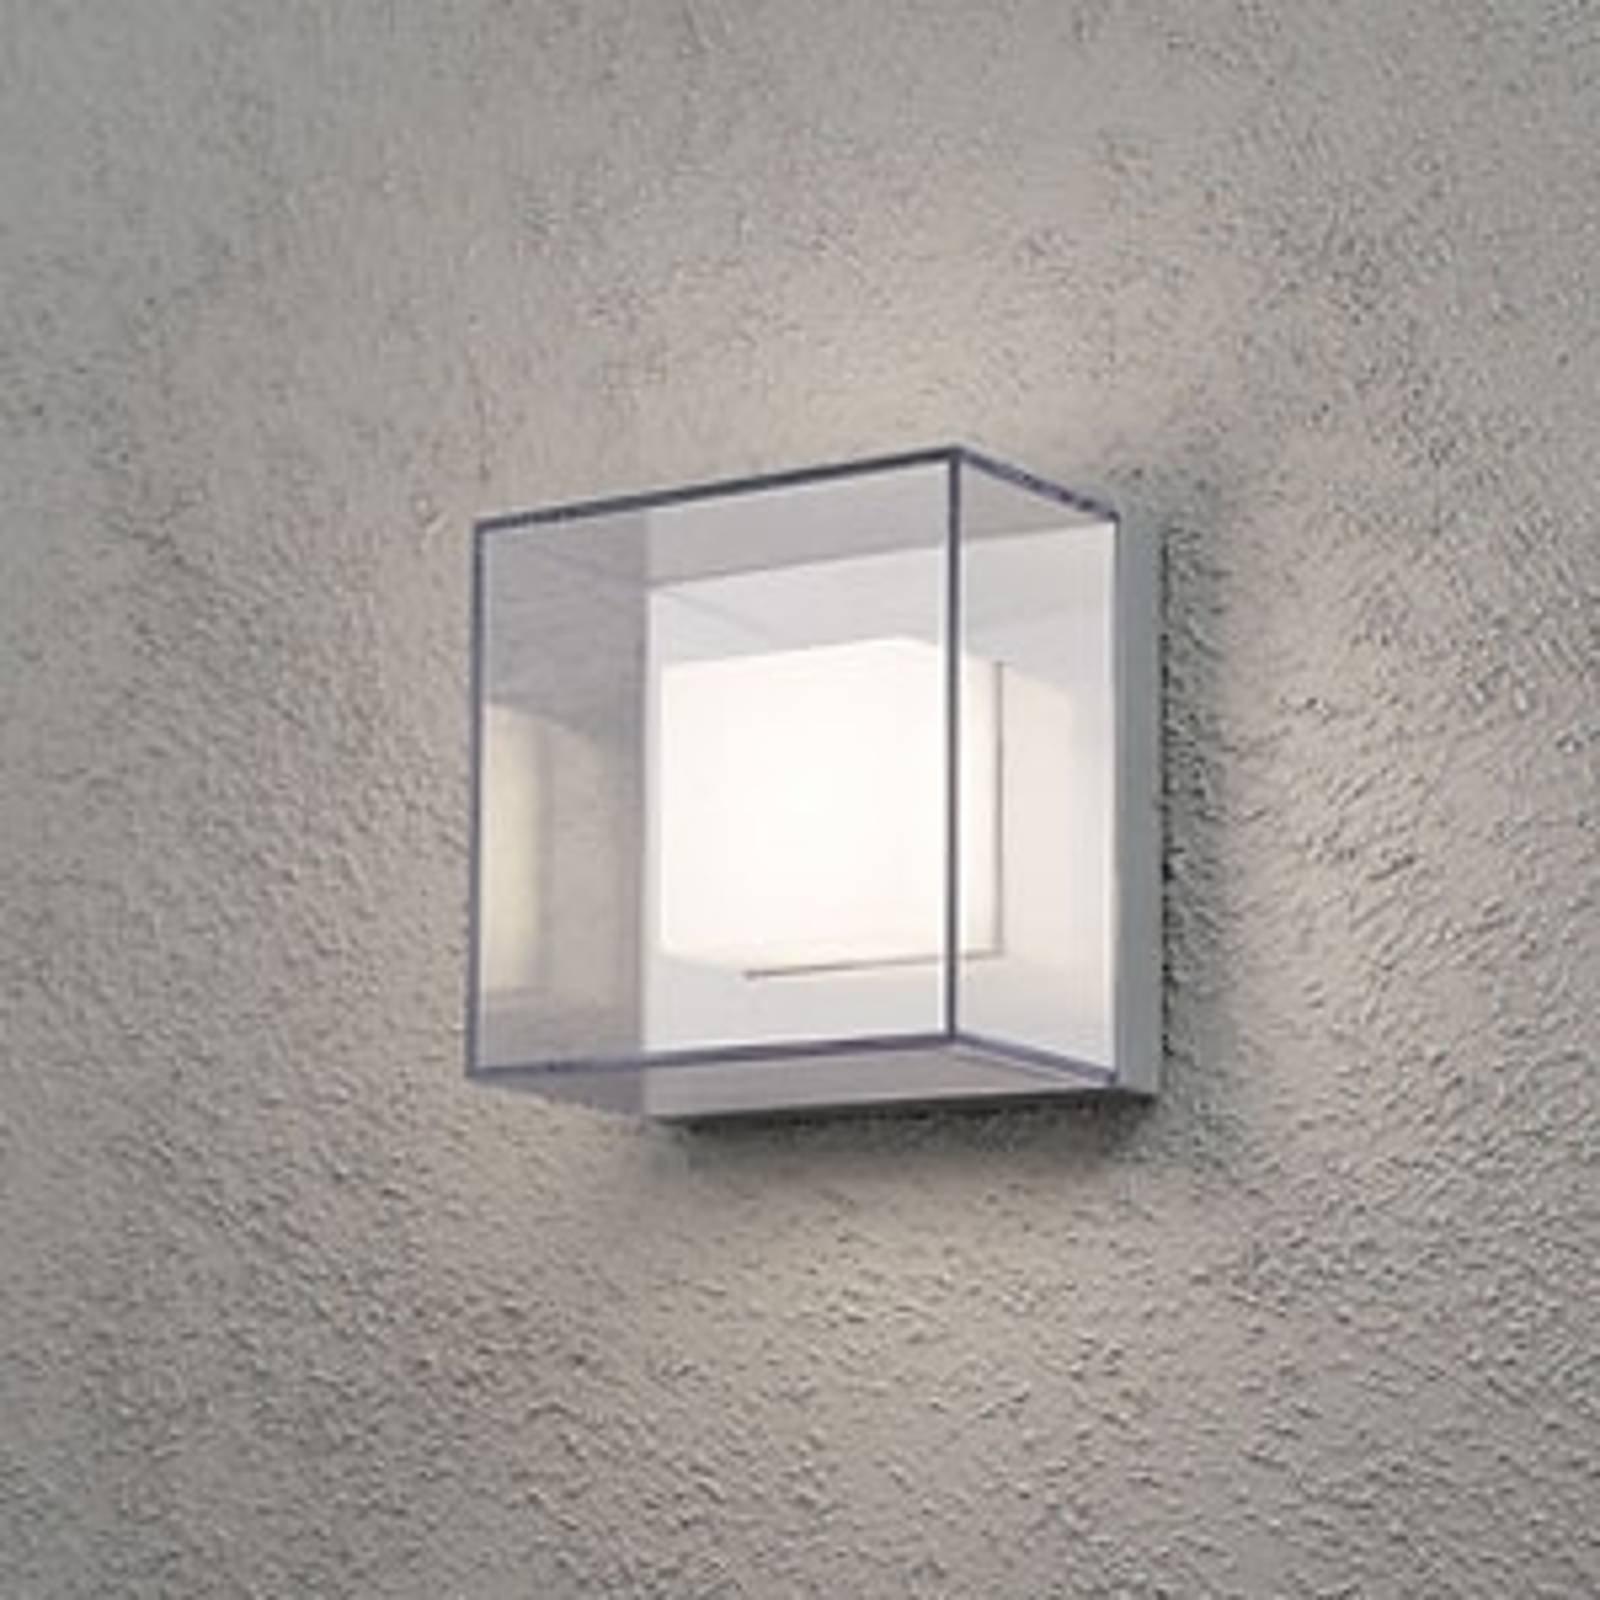 Firkantet vegghengt utelampe Sanremo med LED-lys